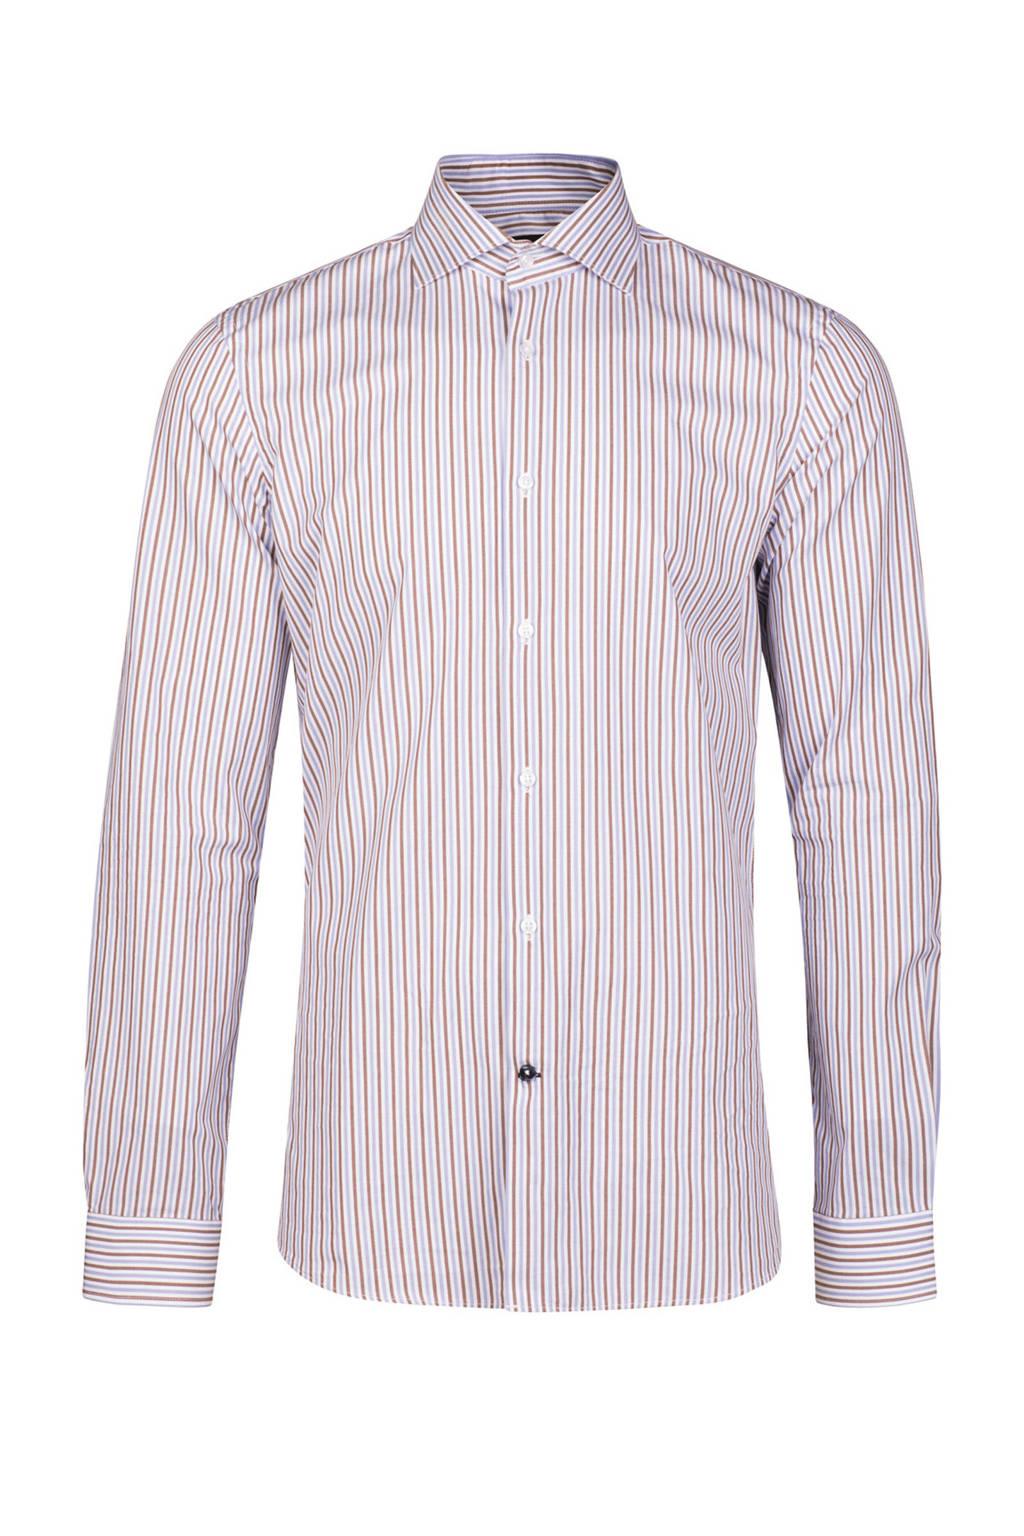 WE Fashion gestreept slim fit overhemd lichtblauw, lichtblauw/beige